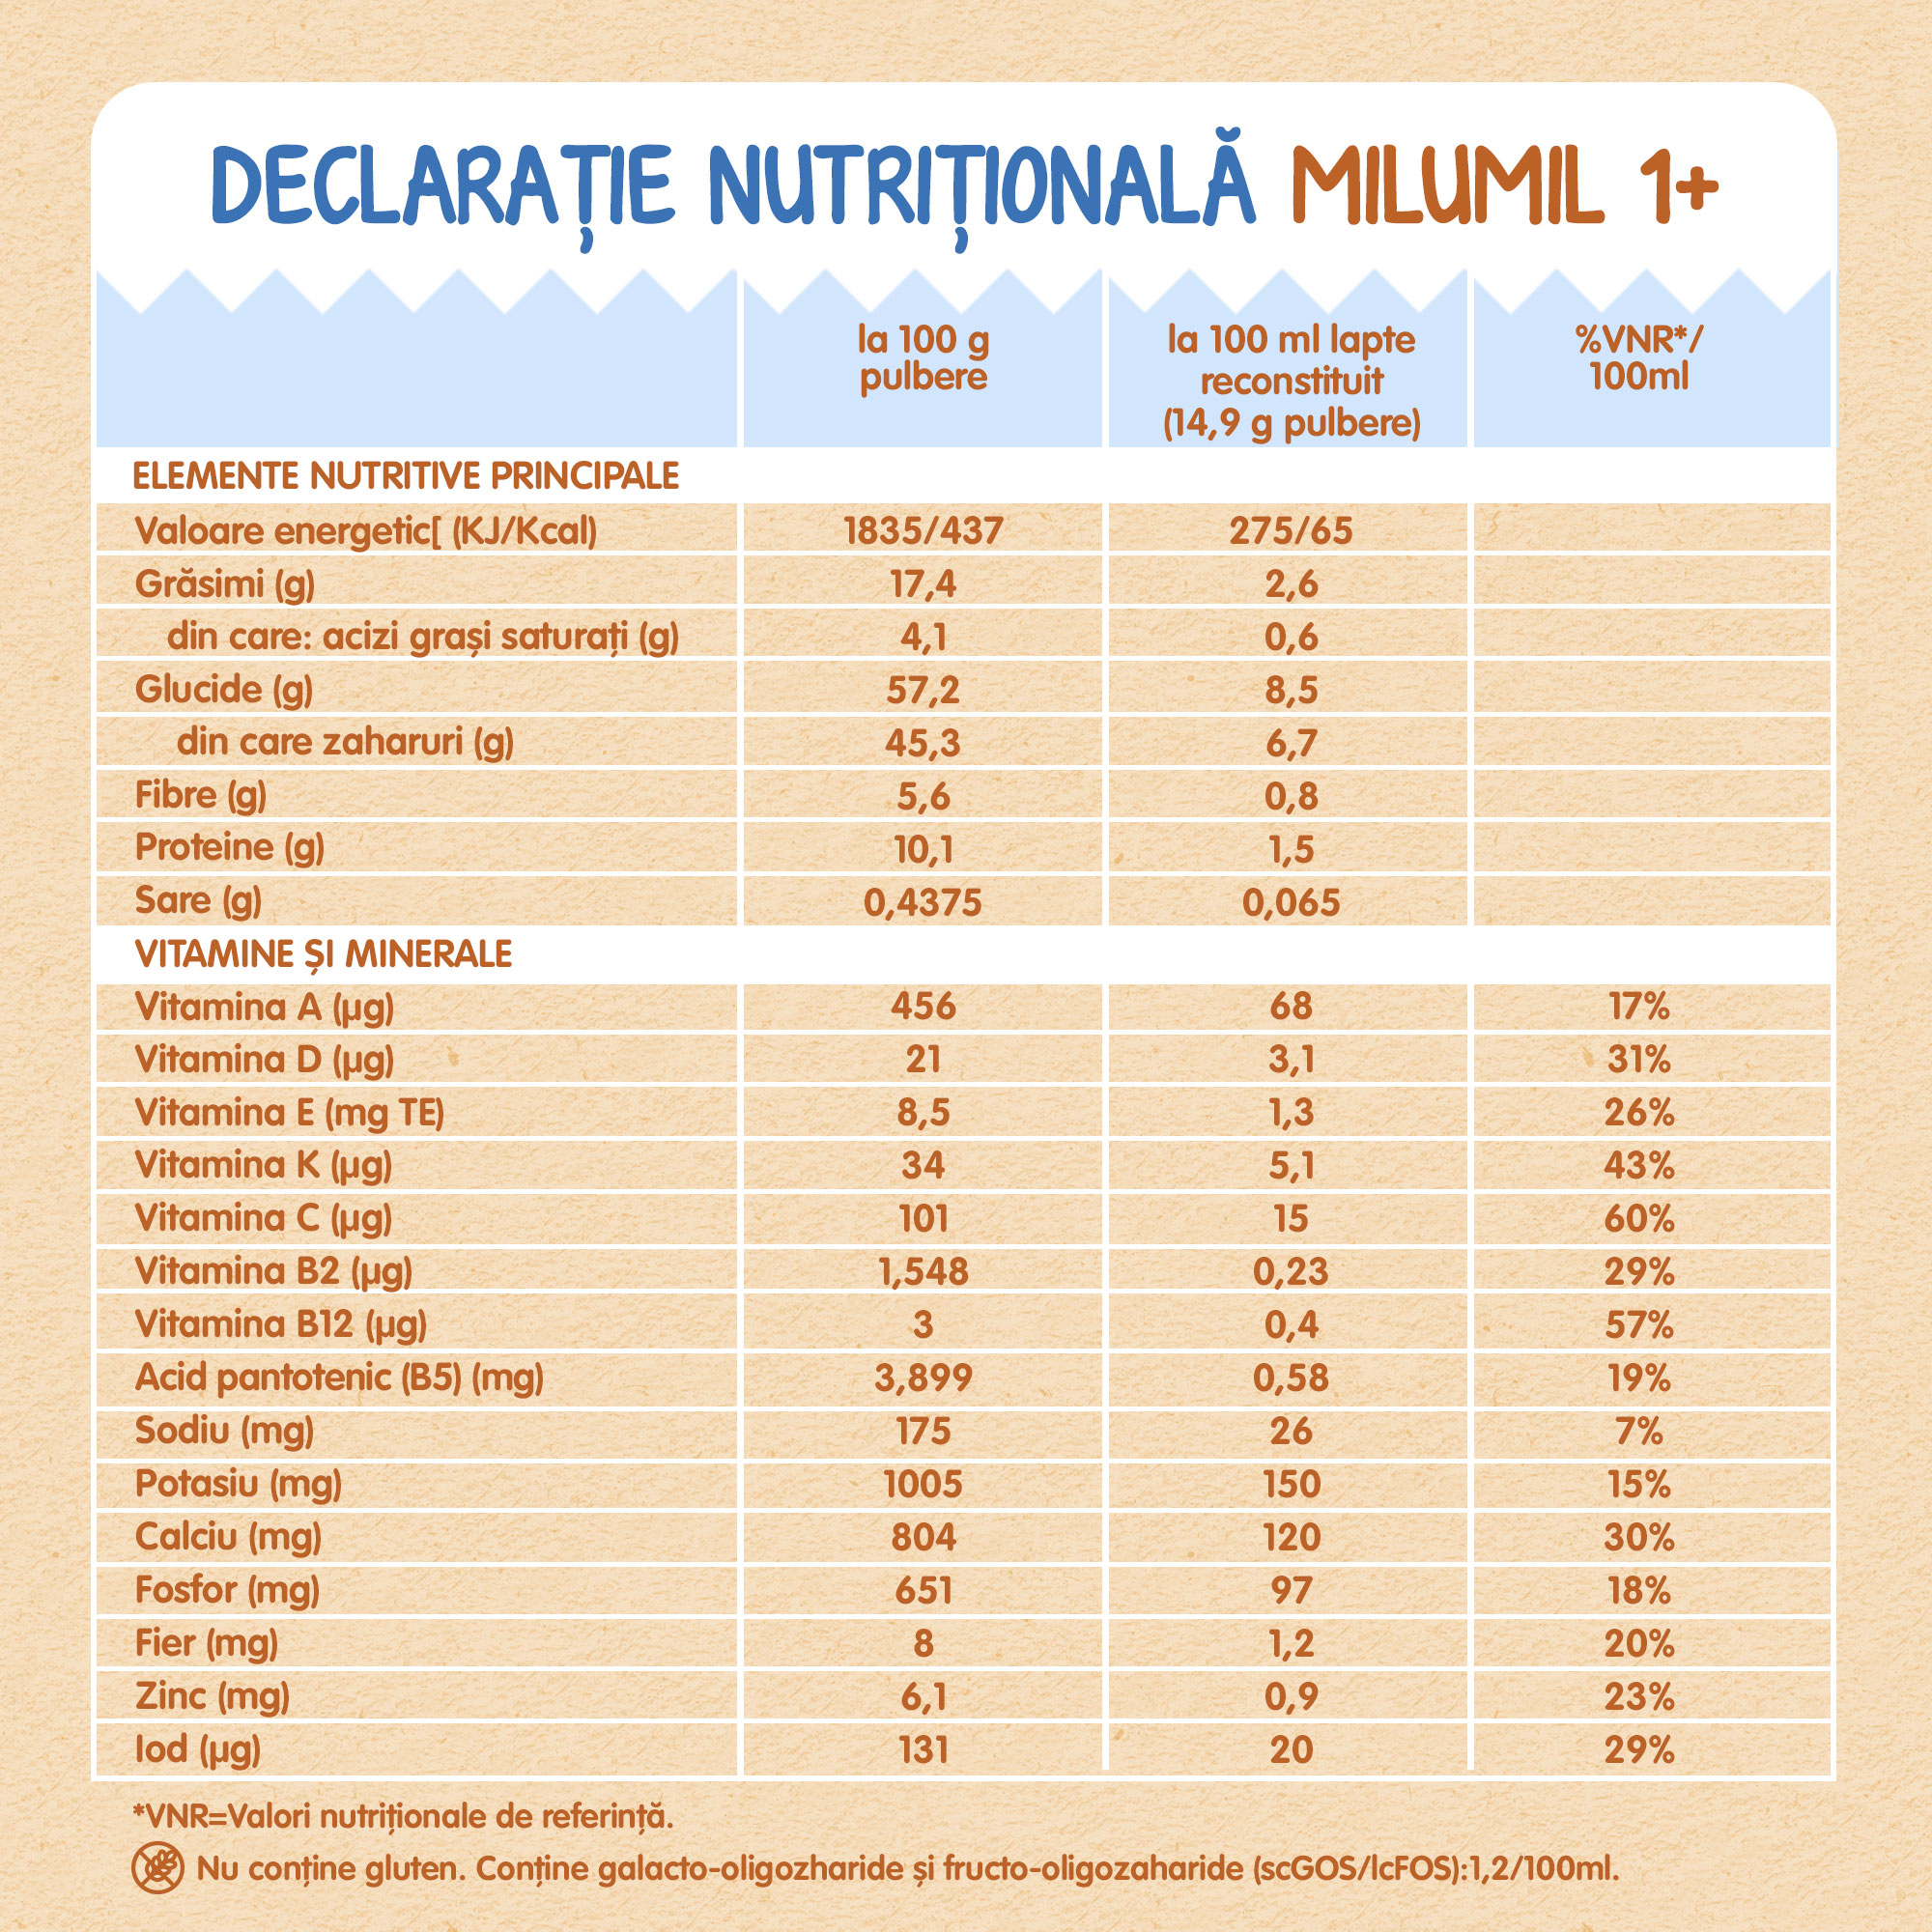 declaratie nutritionala